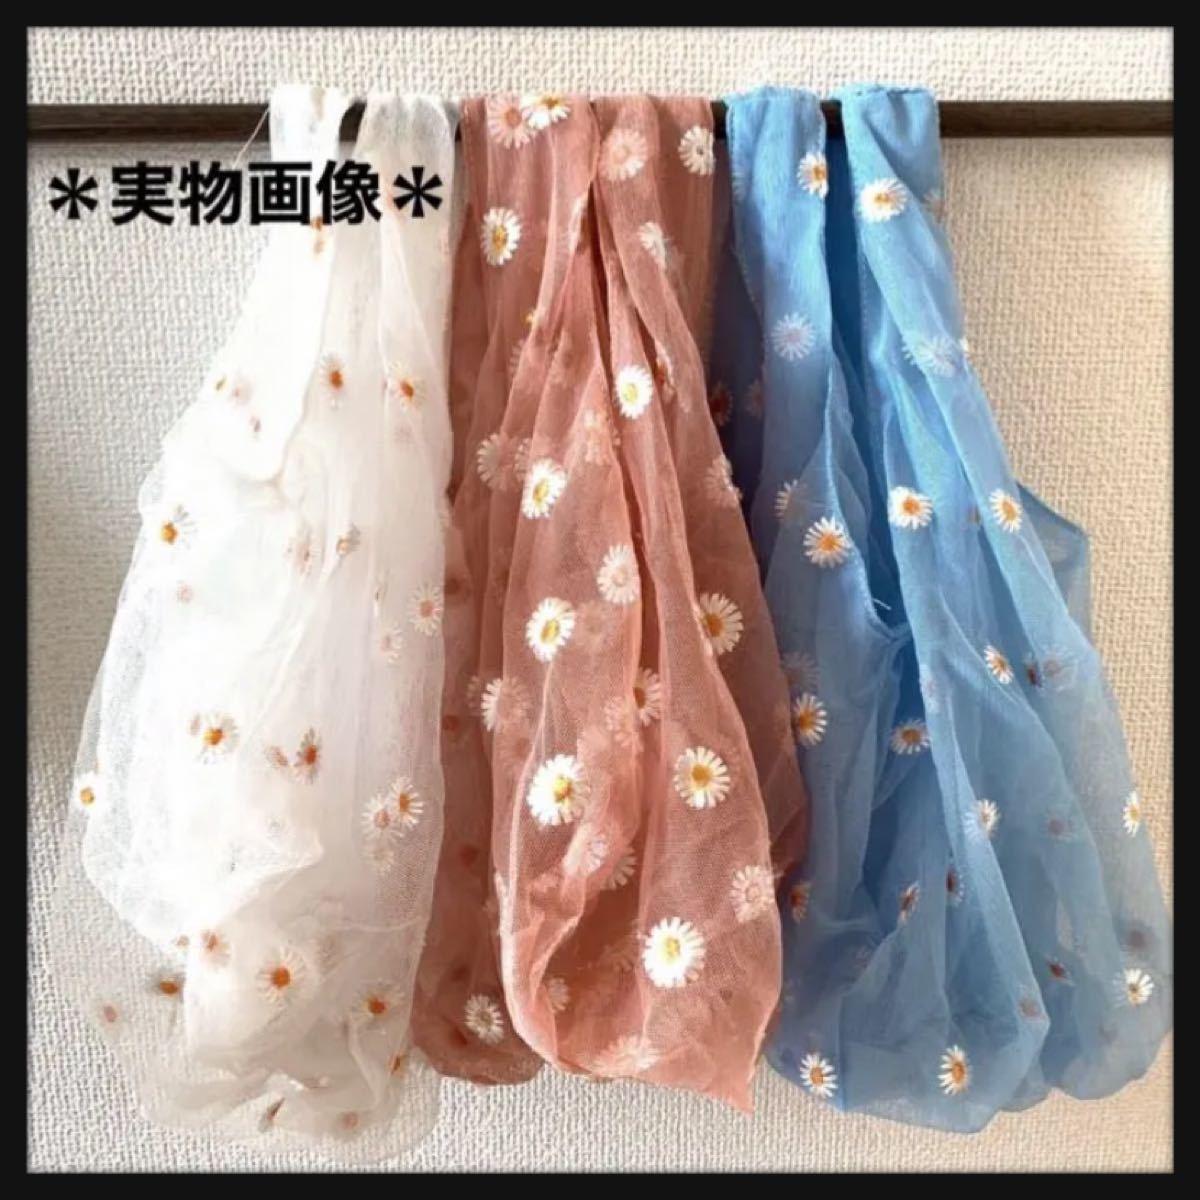 【ブルー】エコバッグ トートバッグ デイジー 花柄 刺繍 シースルー 透け感 シンプル お弁当入れ 多花